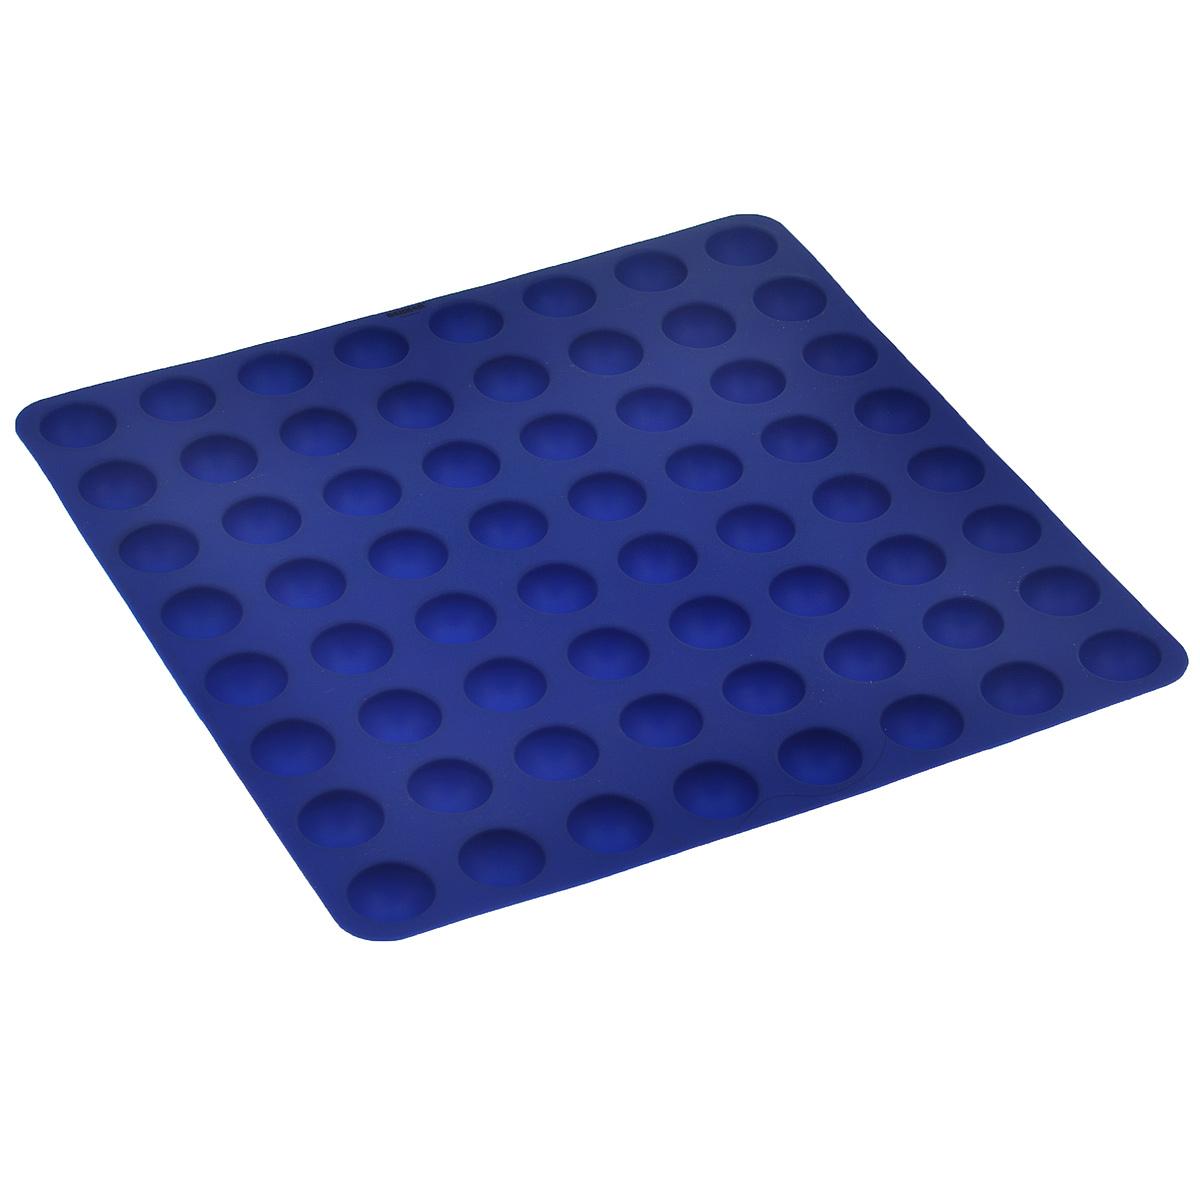 Форма для выпечки Bekker Колобки, цвет: синий, 64 ячейкиBK-9415Форма для выпечки Bekker Колобки изготовлена из силикона - материала, который выдерживает температуру от -40°С до +230°С. Изделия из силикона очень удобны в использовании: пища в них не пригорает и не прилипает к стенкам, форма легко моется. Приготовленное блюдо можно очень просто вытащить, просто перевернув форму, при этом внешний вид блюда не нарушится. Изделие обладает эластичными свойствами: складывается без изломов, восстанавливает свою первоначальную форму. Форма содержит 64 ячейки круглой формы. Порадуйте своих родных и близких любимой выпечкой. Подходит для приготовления в микроволновой печи и духовом шкафу при нагревании до +230°С; для замораживания до -40°С и чистки в посудомоечной машине. Рекомендации по использованию: - не помещайте форму непосредственно на источник тепла (открытый огонь, гриль), - не используйте нож для резки продуктов в форме, - не используйте CRISP функцию при приготовлении в микроволновой печи, - не...